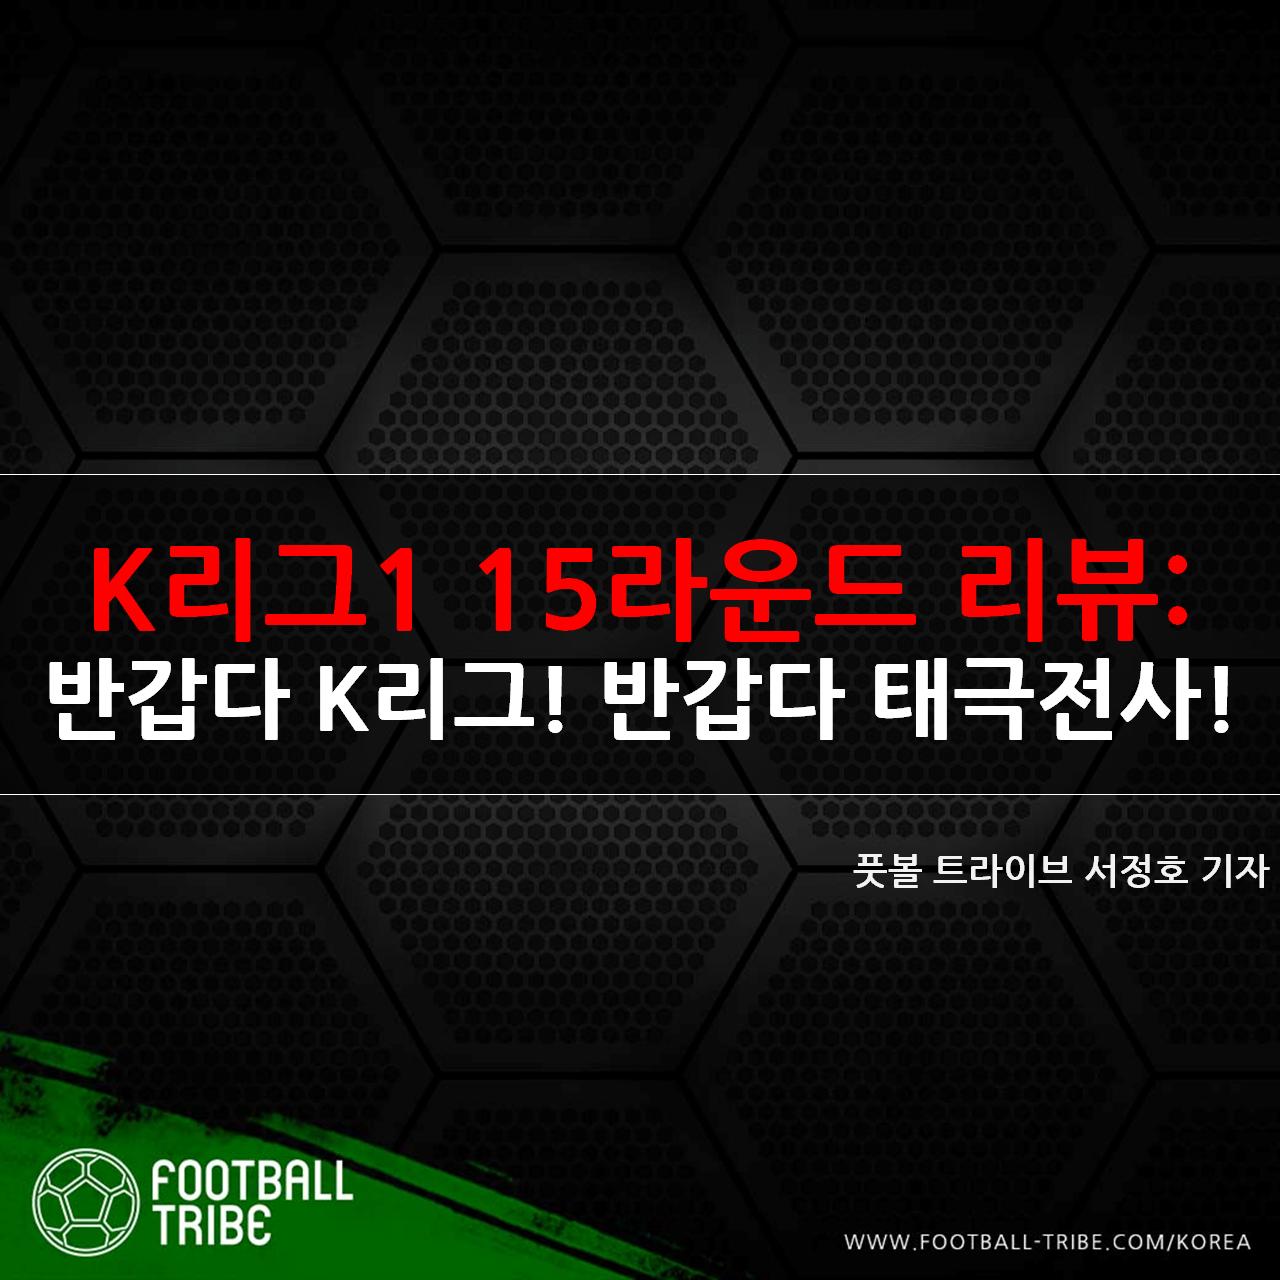 [K리그1 15라운드 리뷰] 반갑다 K리그! 반갑다 태극전사!